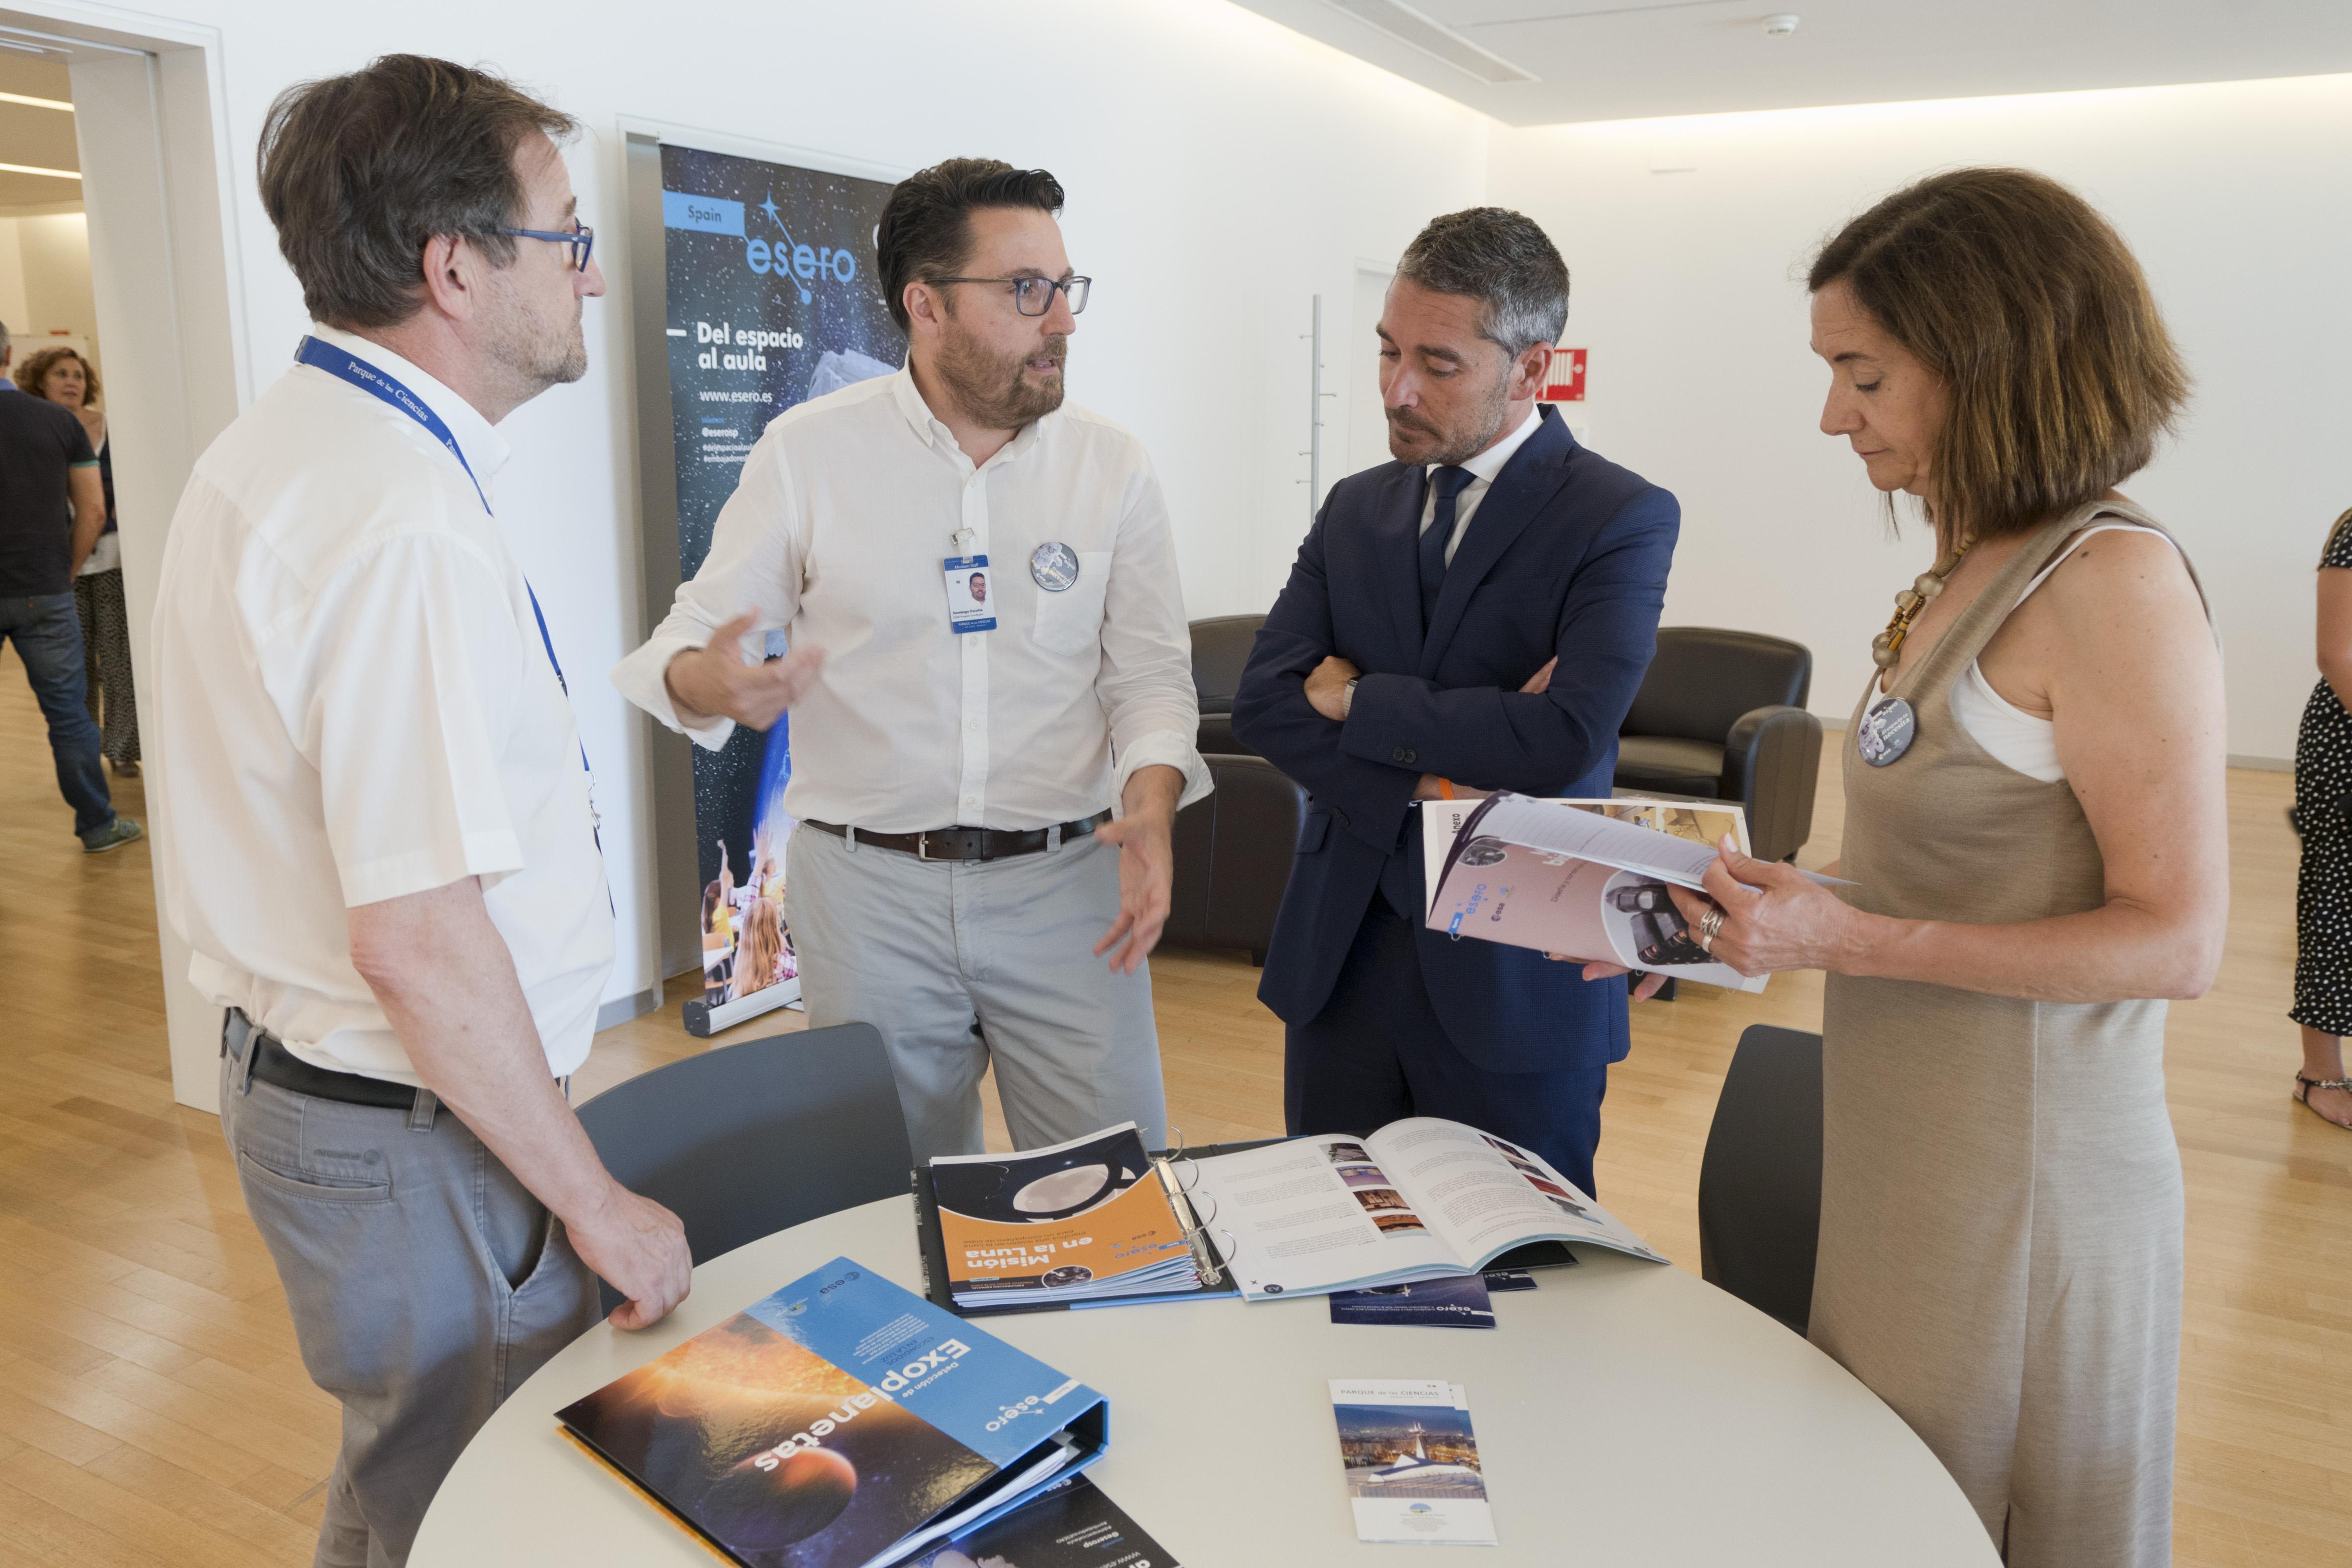 El Parque de las Ciencias coordina el programa para generar vocaciones científicas a través del espacio